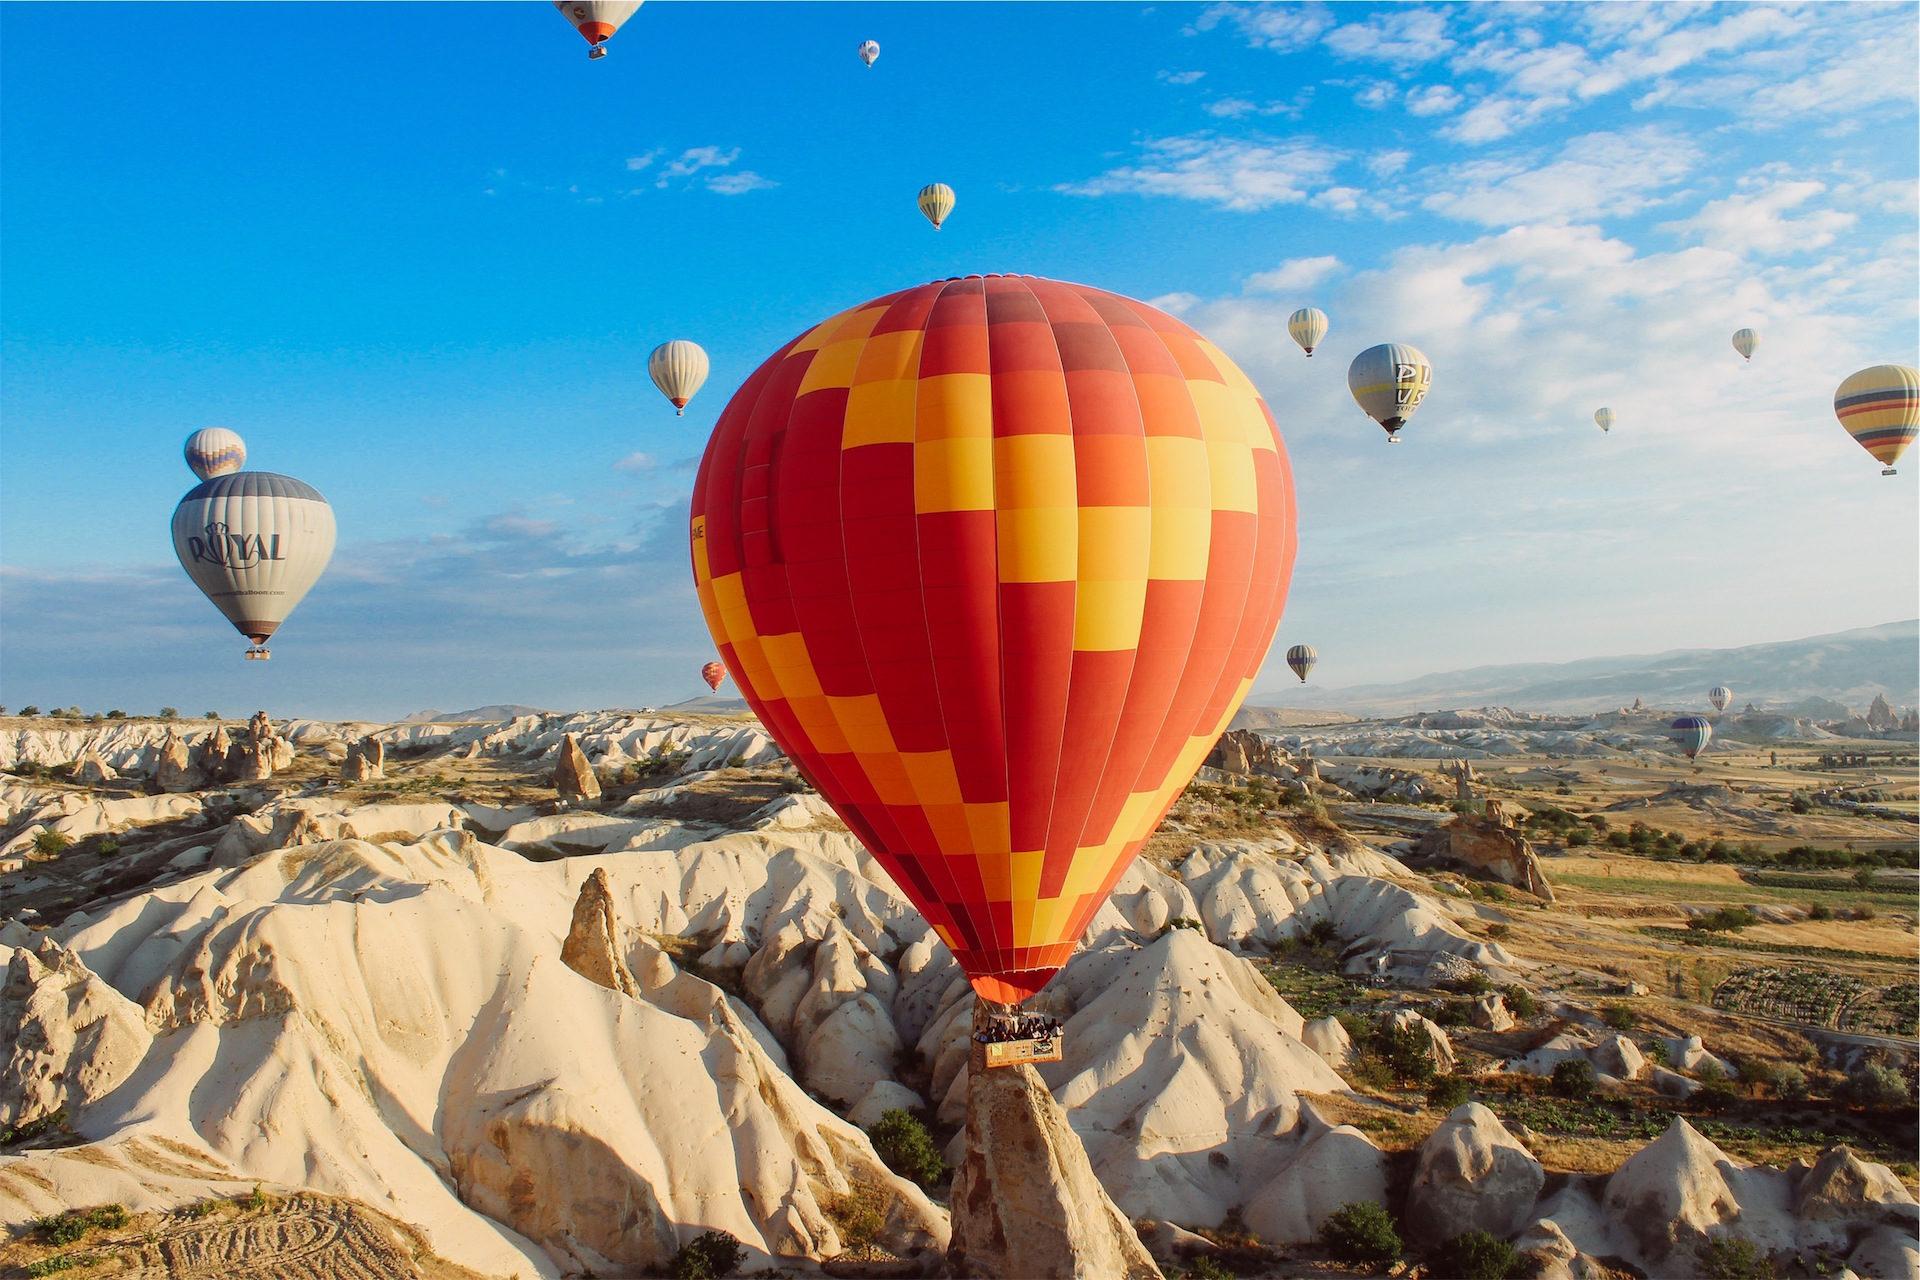 气球, 空气, 沙漠, 视图, 空中 - 高清壁纸 - 教授-falken.com